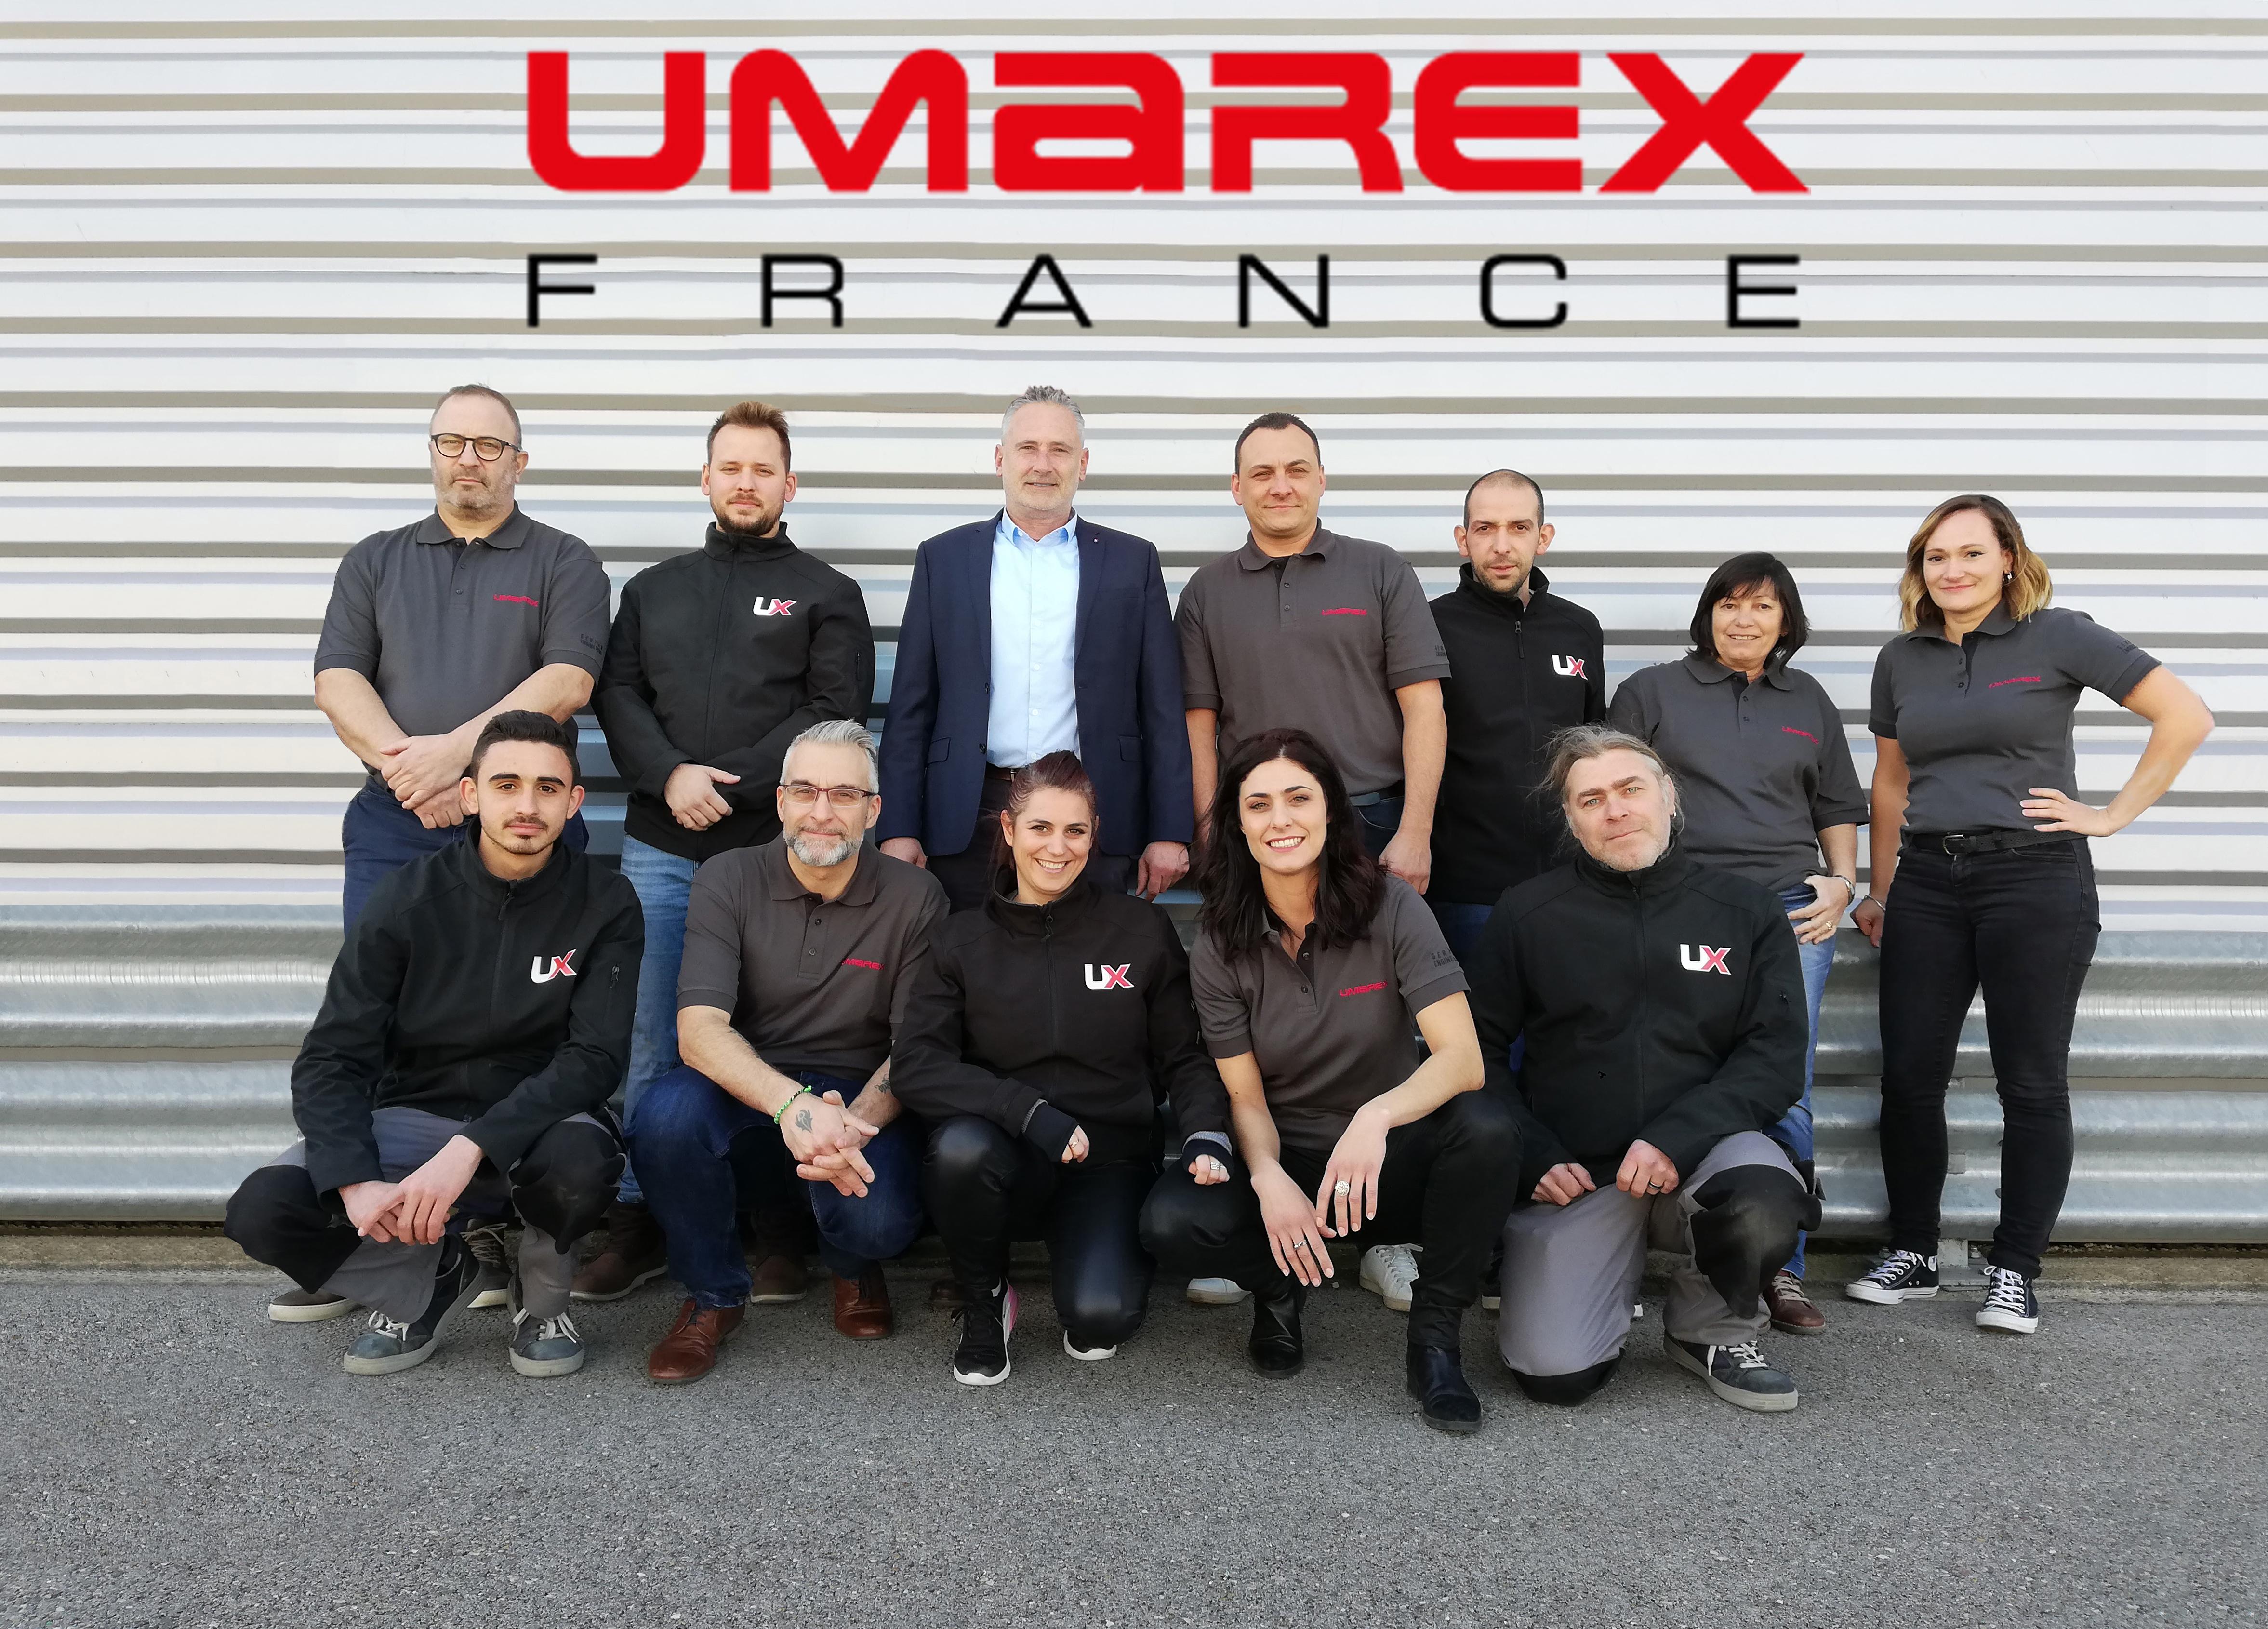 umarex equipe